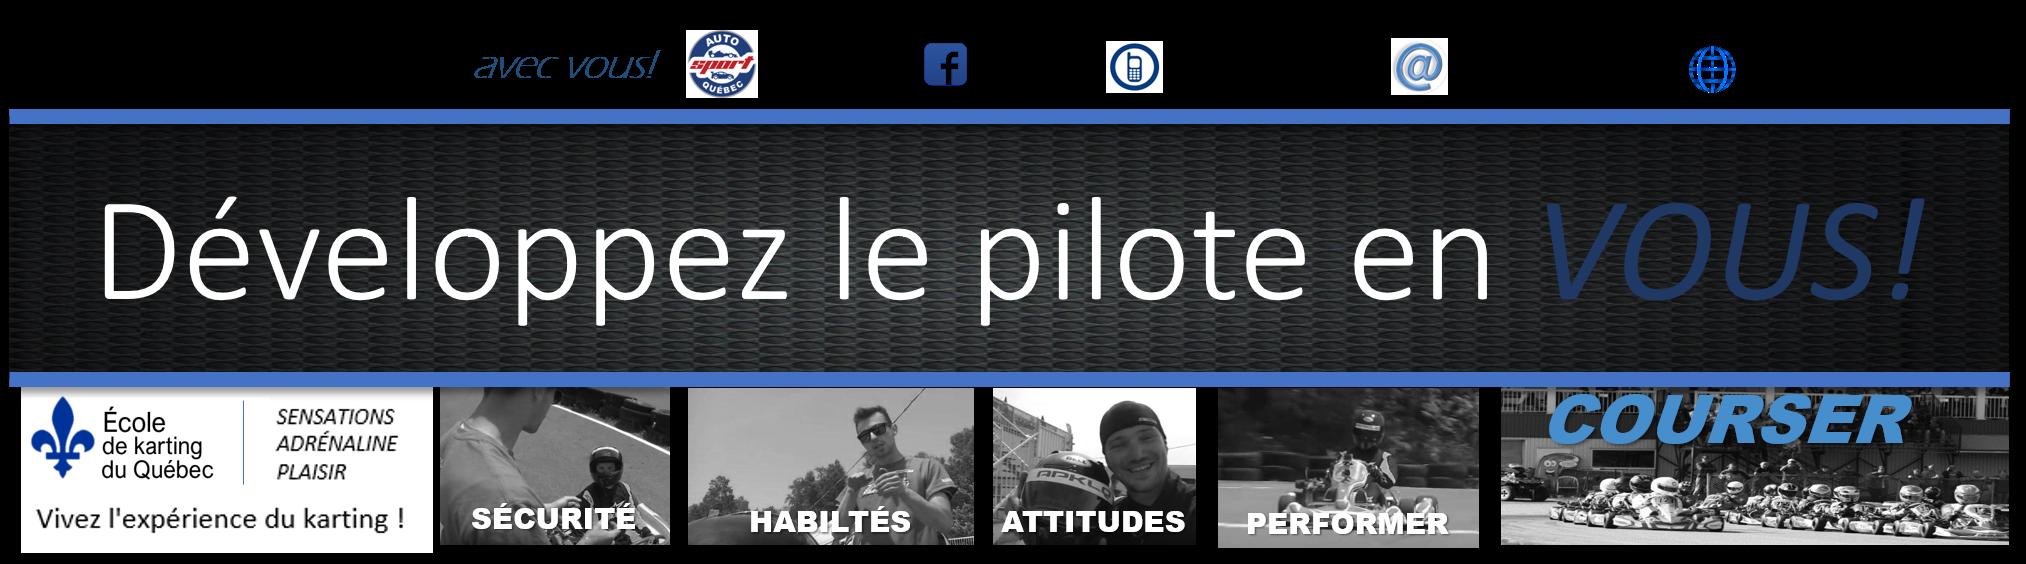 École de karting du Québec – Apprentissage de la ligne de course